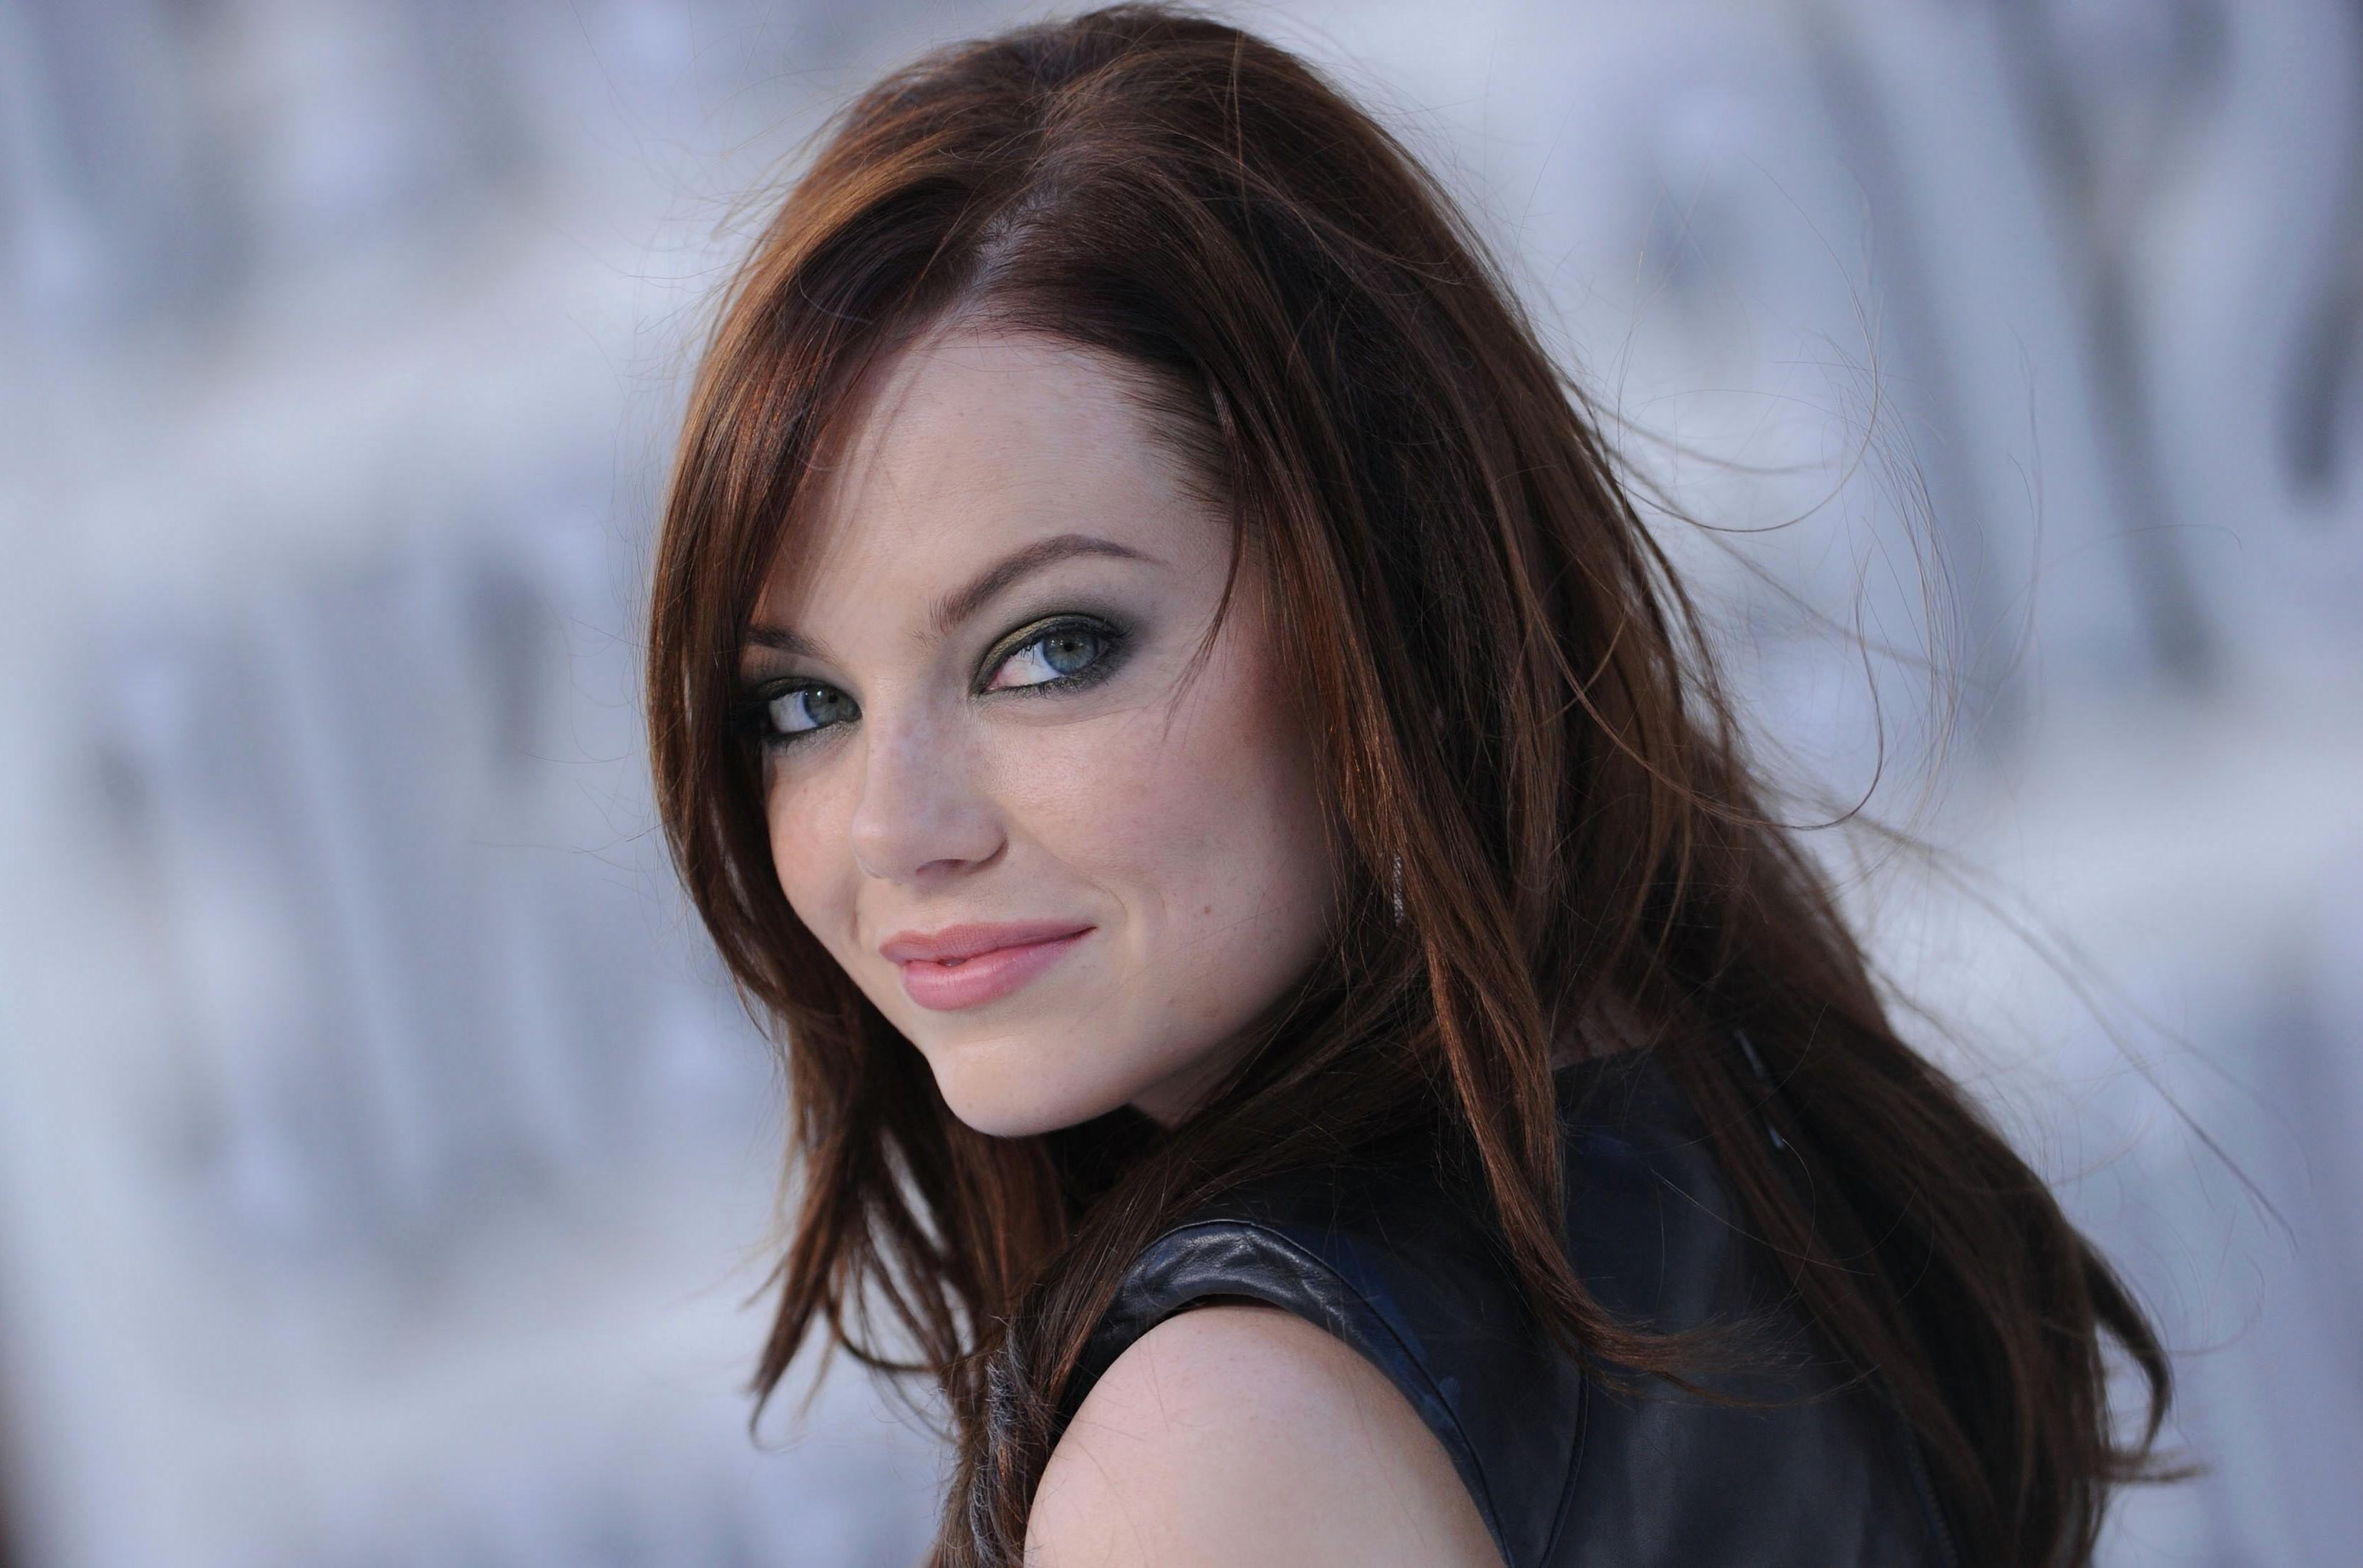 Hintergrundbilder Gesicht Modell Porträt Lange Haare